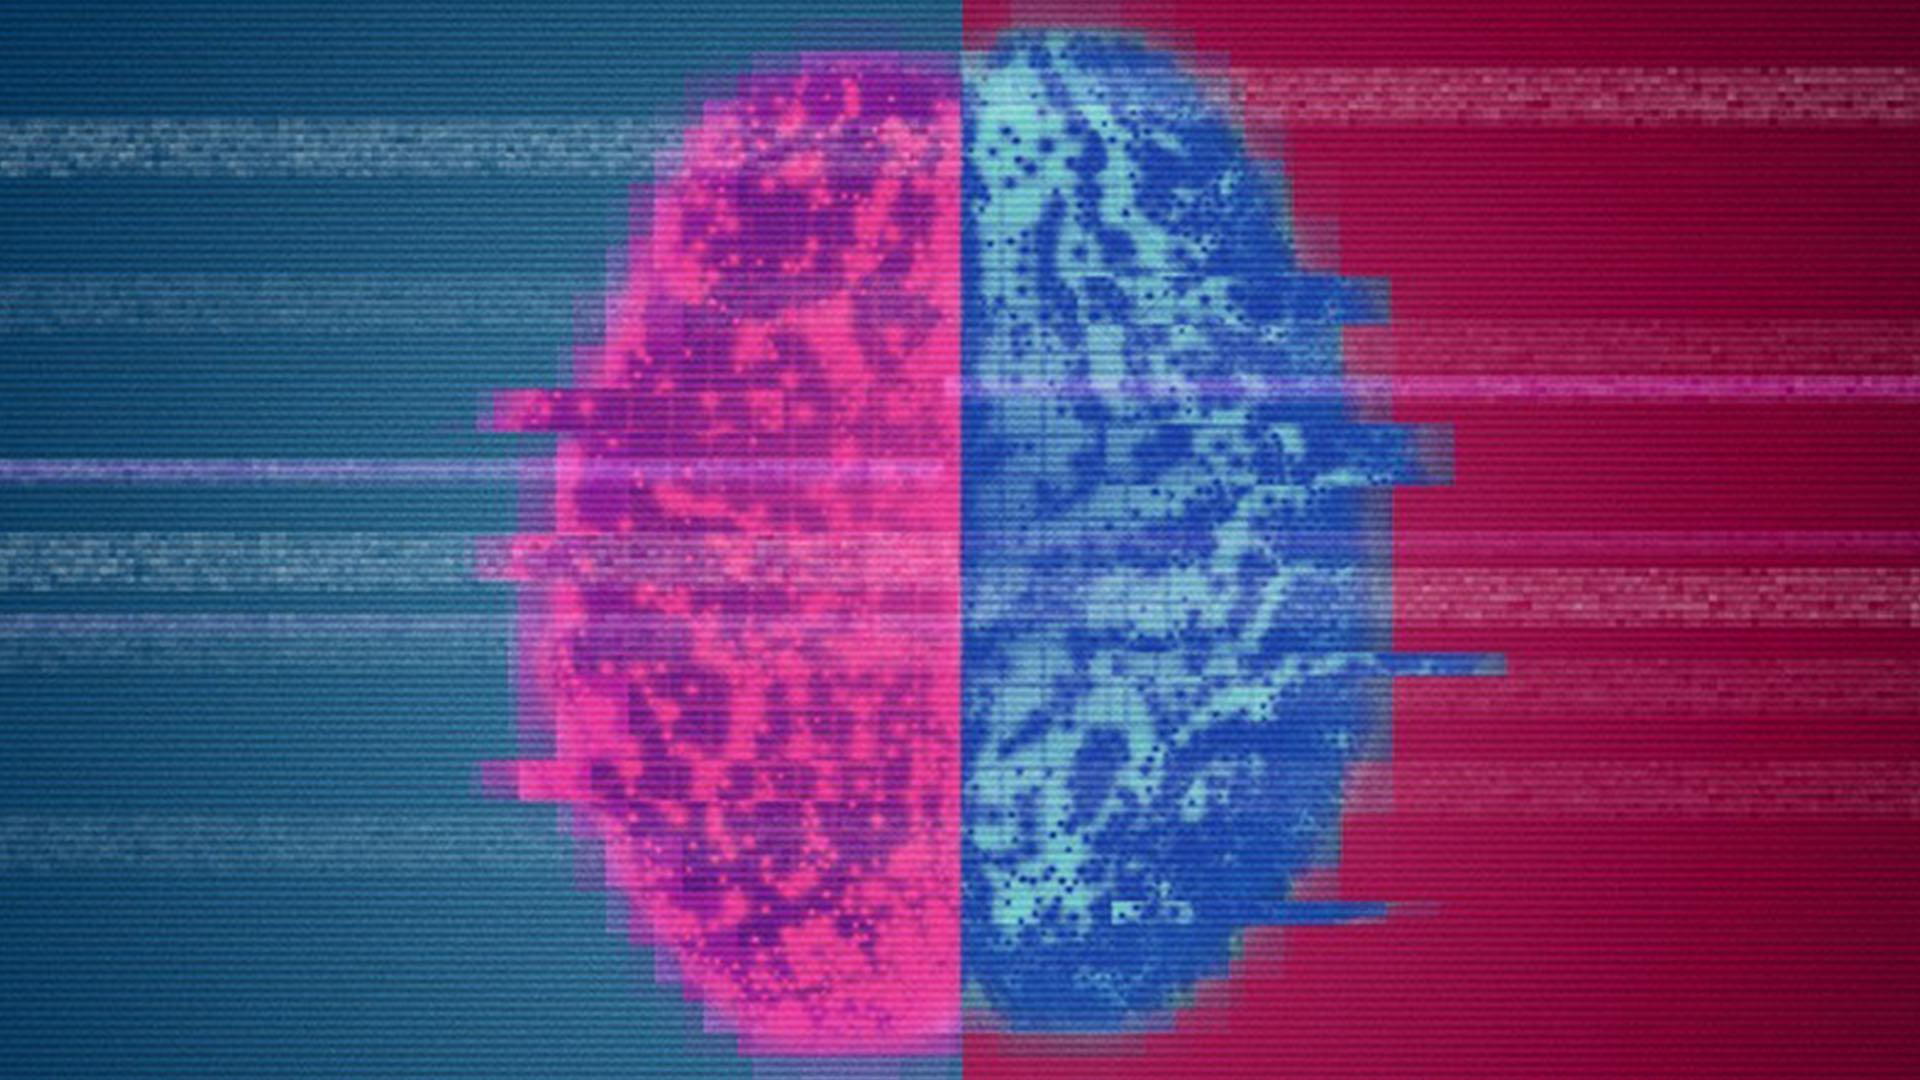 s3-news-tmp-980-brain--2x1--900.jpg